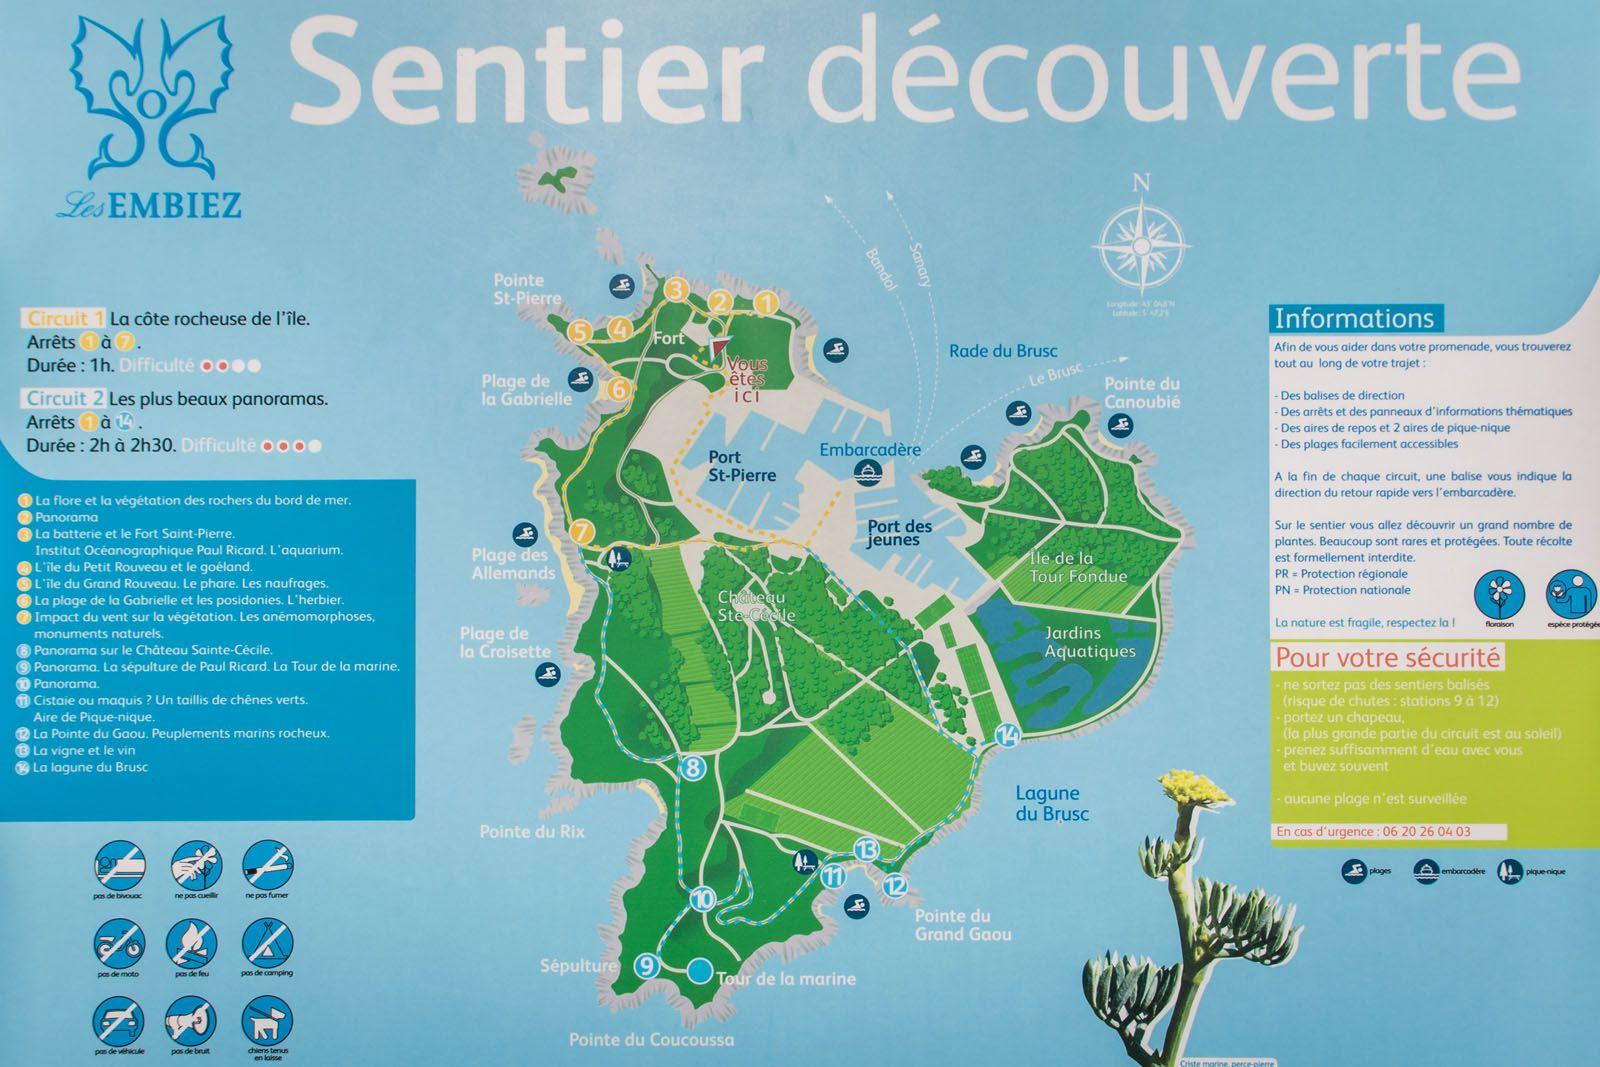 Destinations De Julie Ile Des Embiez Destinations Ile Et Ricard